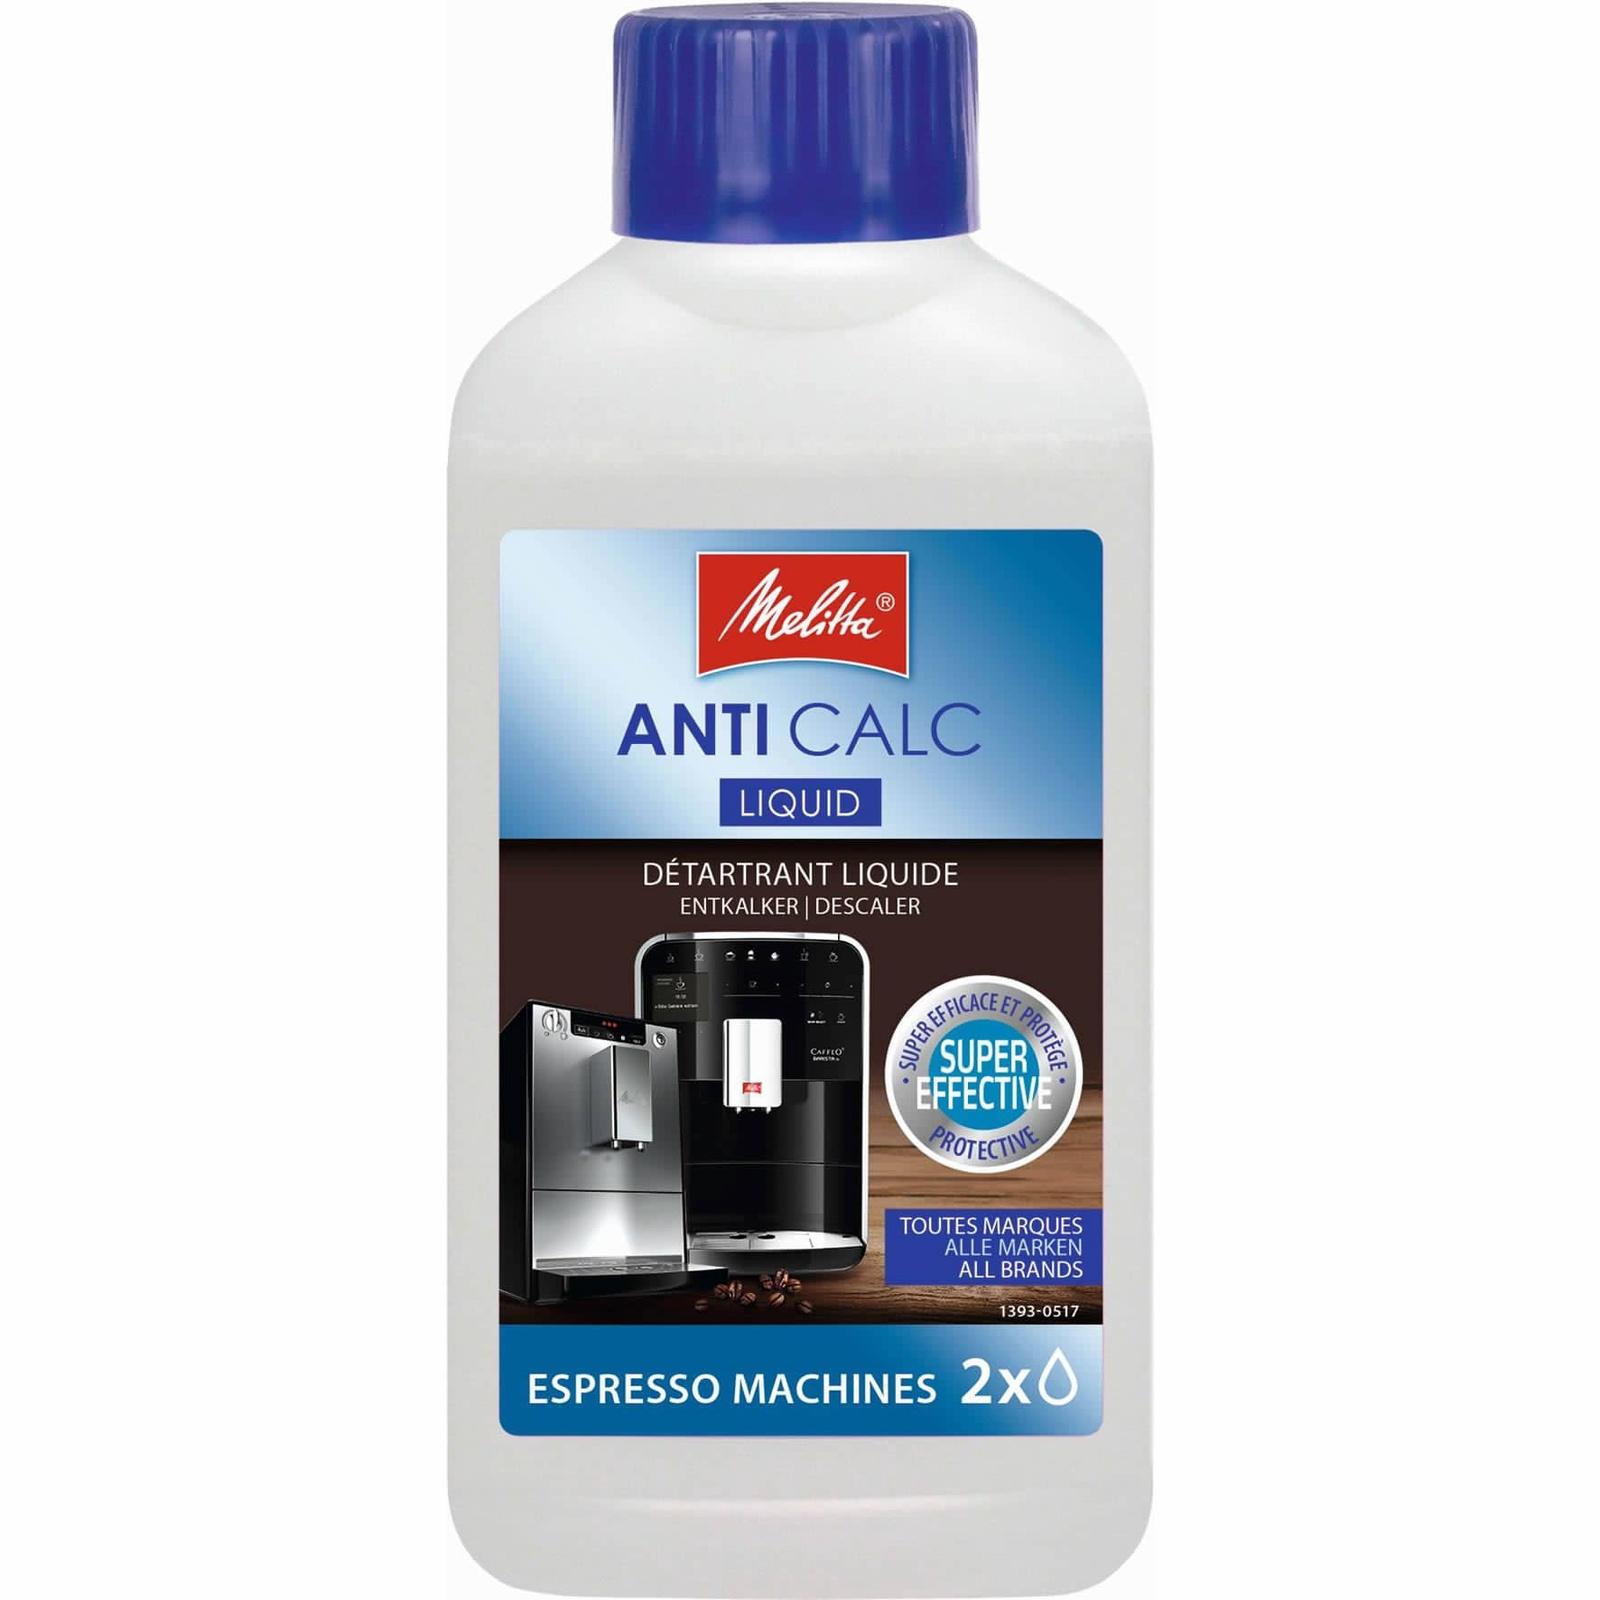 Очиститель от накипи для кофемашин Melitta Anti Calc, жидкий, 250мл